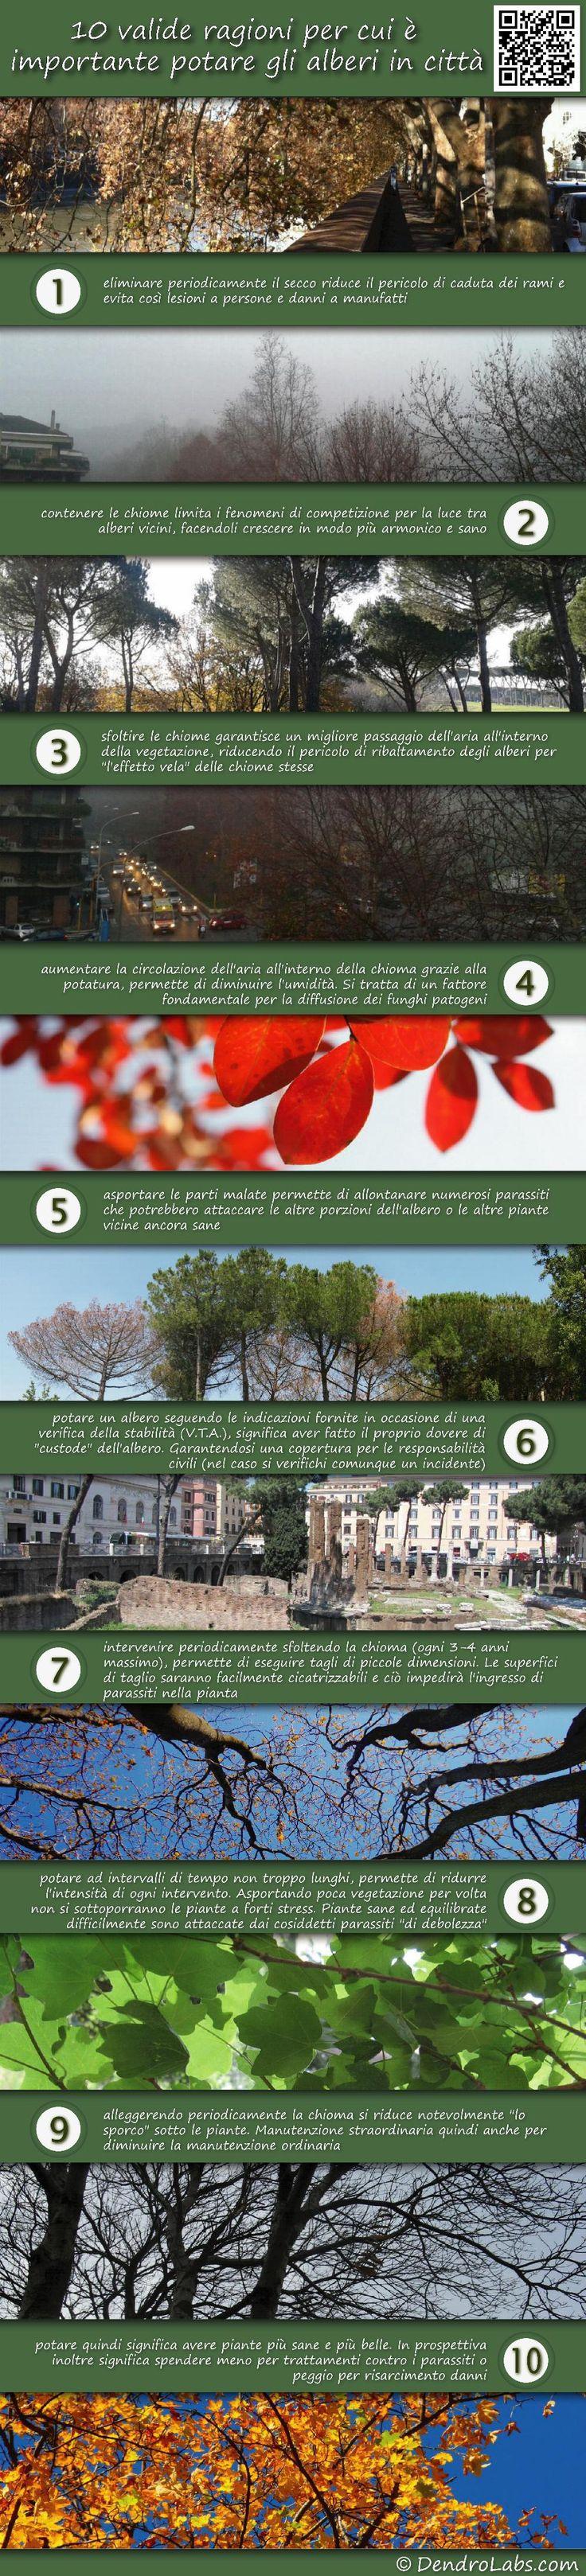 10 valide ragioni ragioni per eseguire la potatura degli alberi in città.